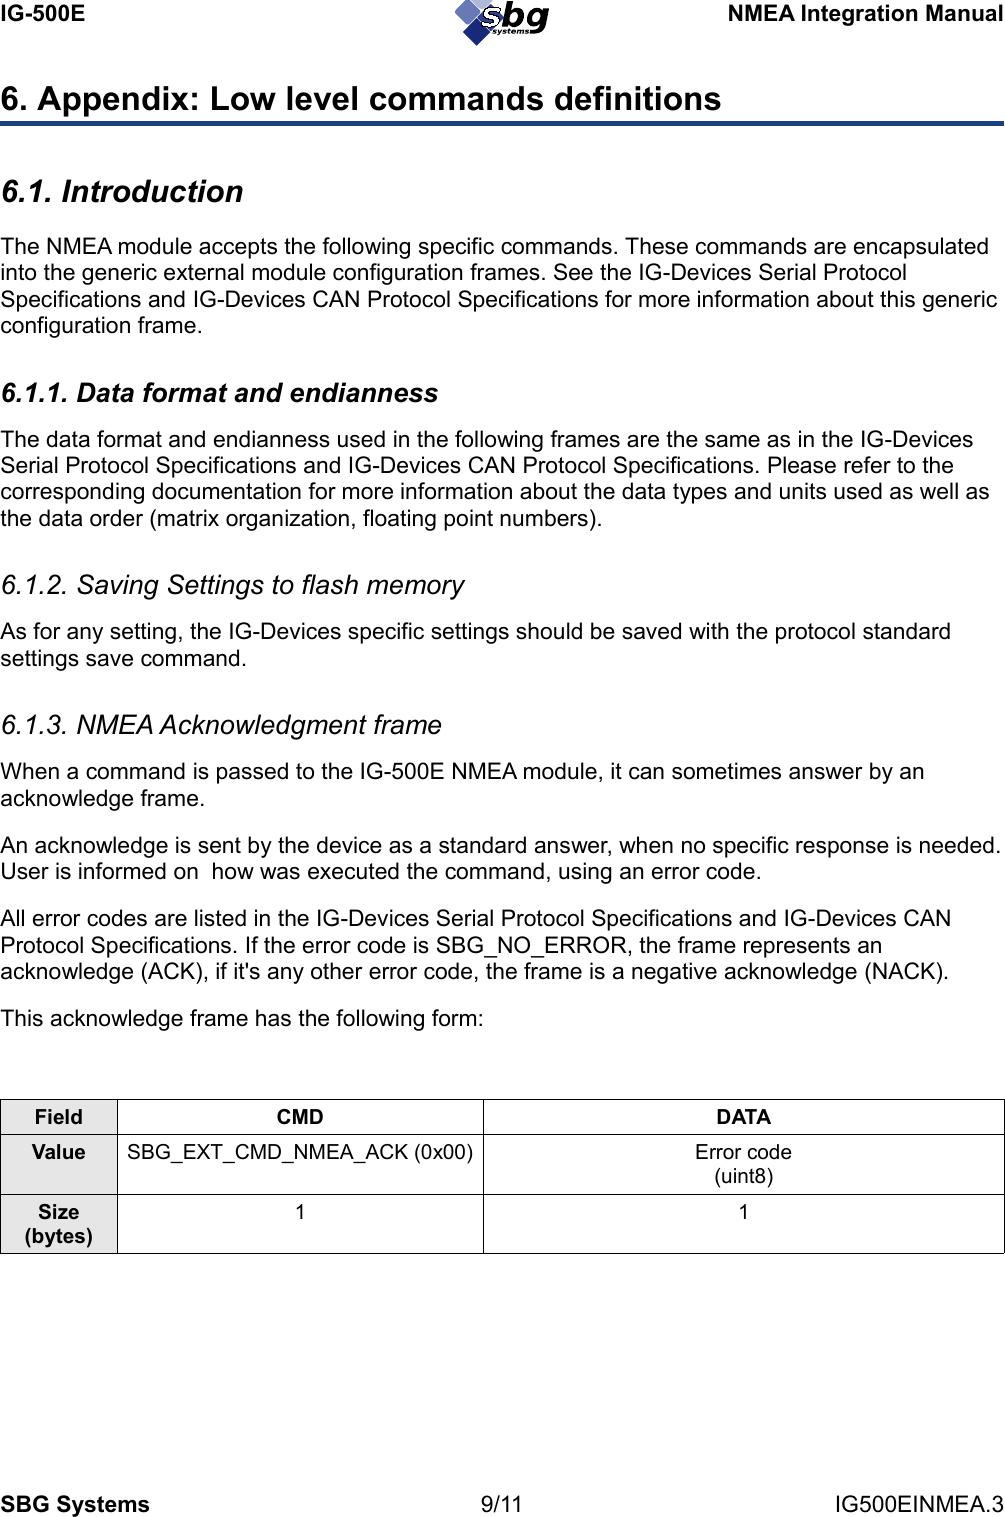 IG 500E NMEA Integration Manual